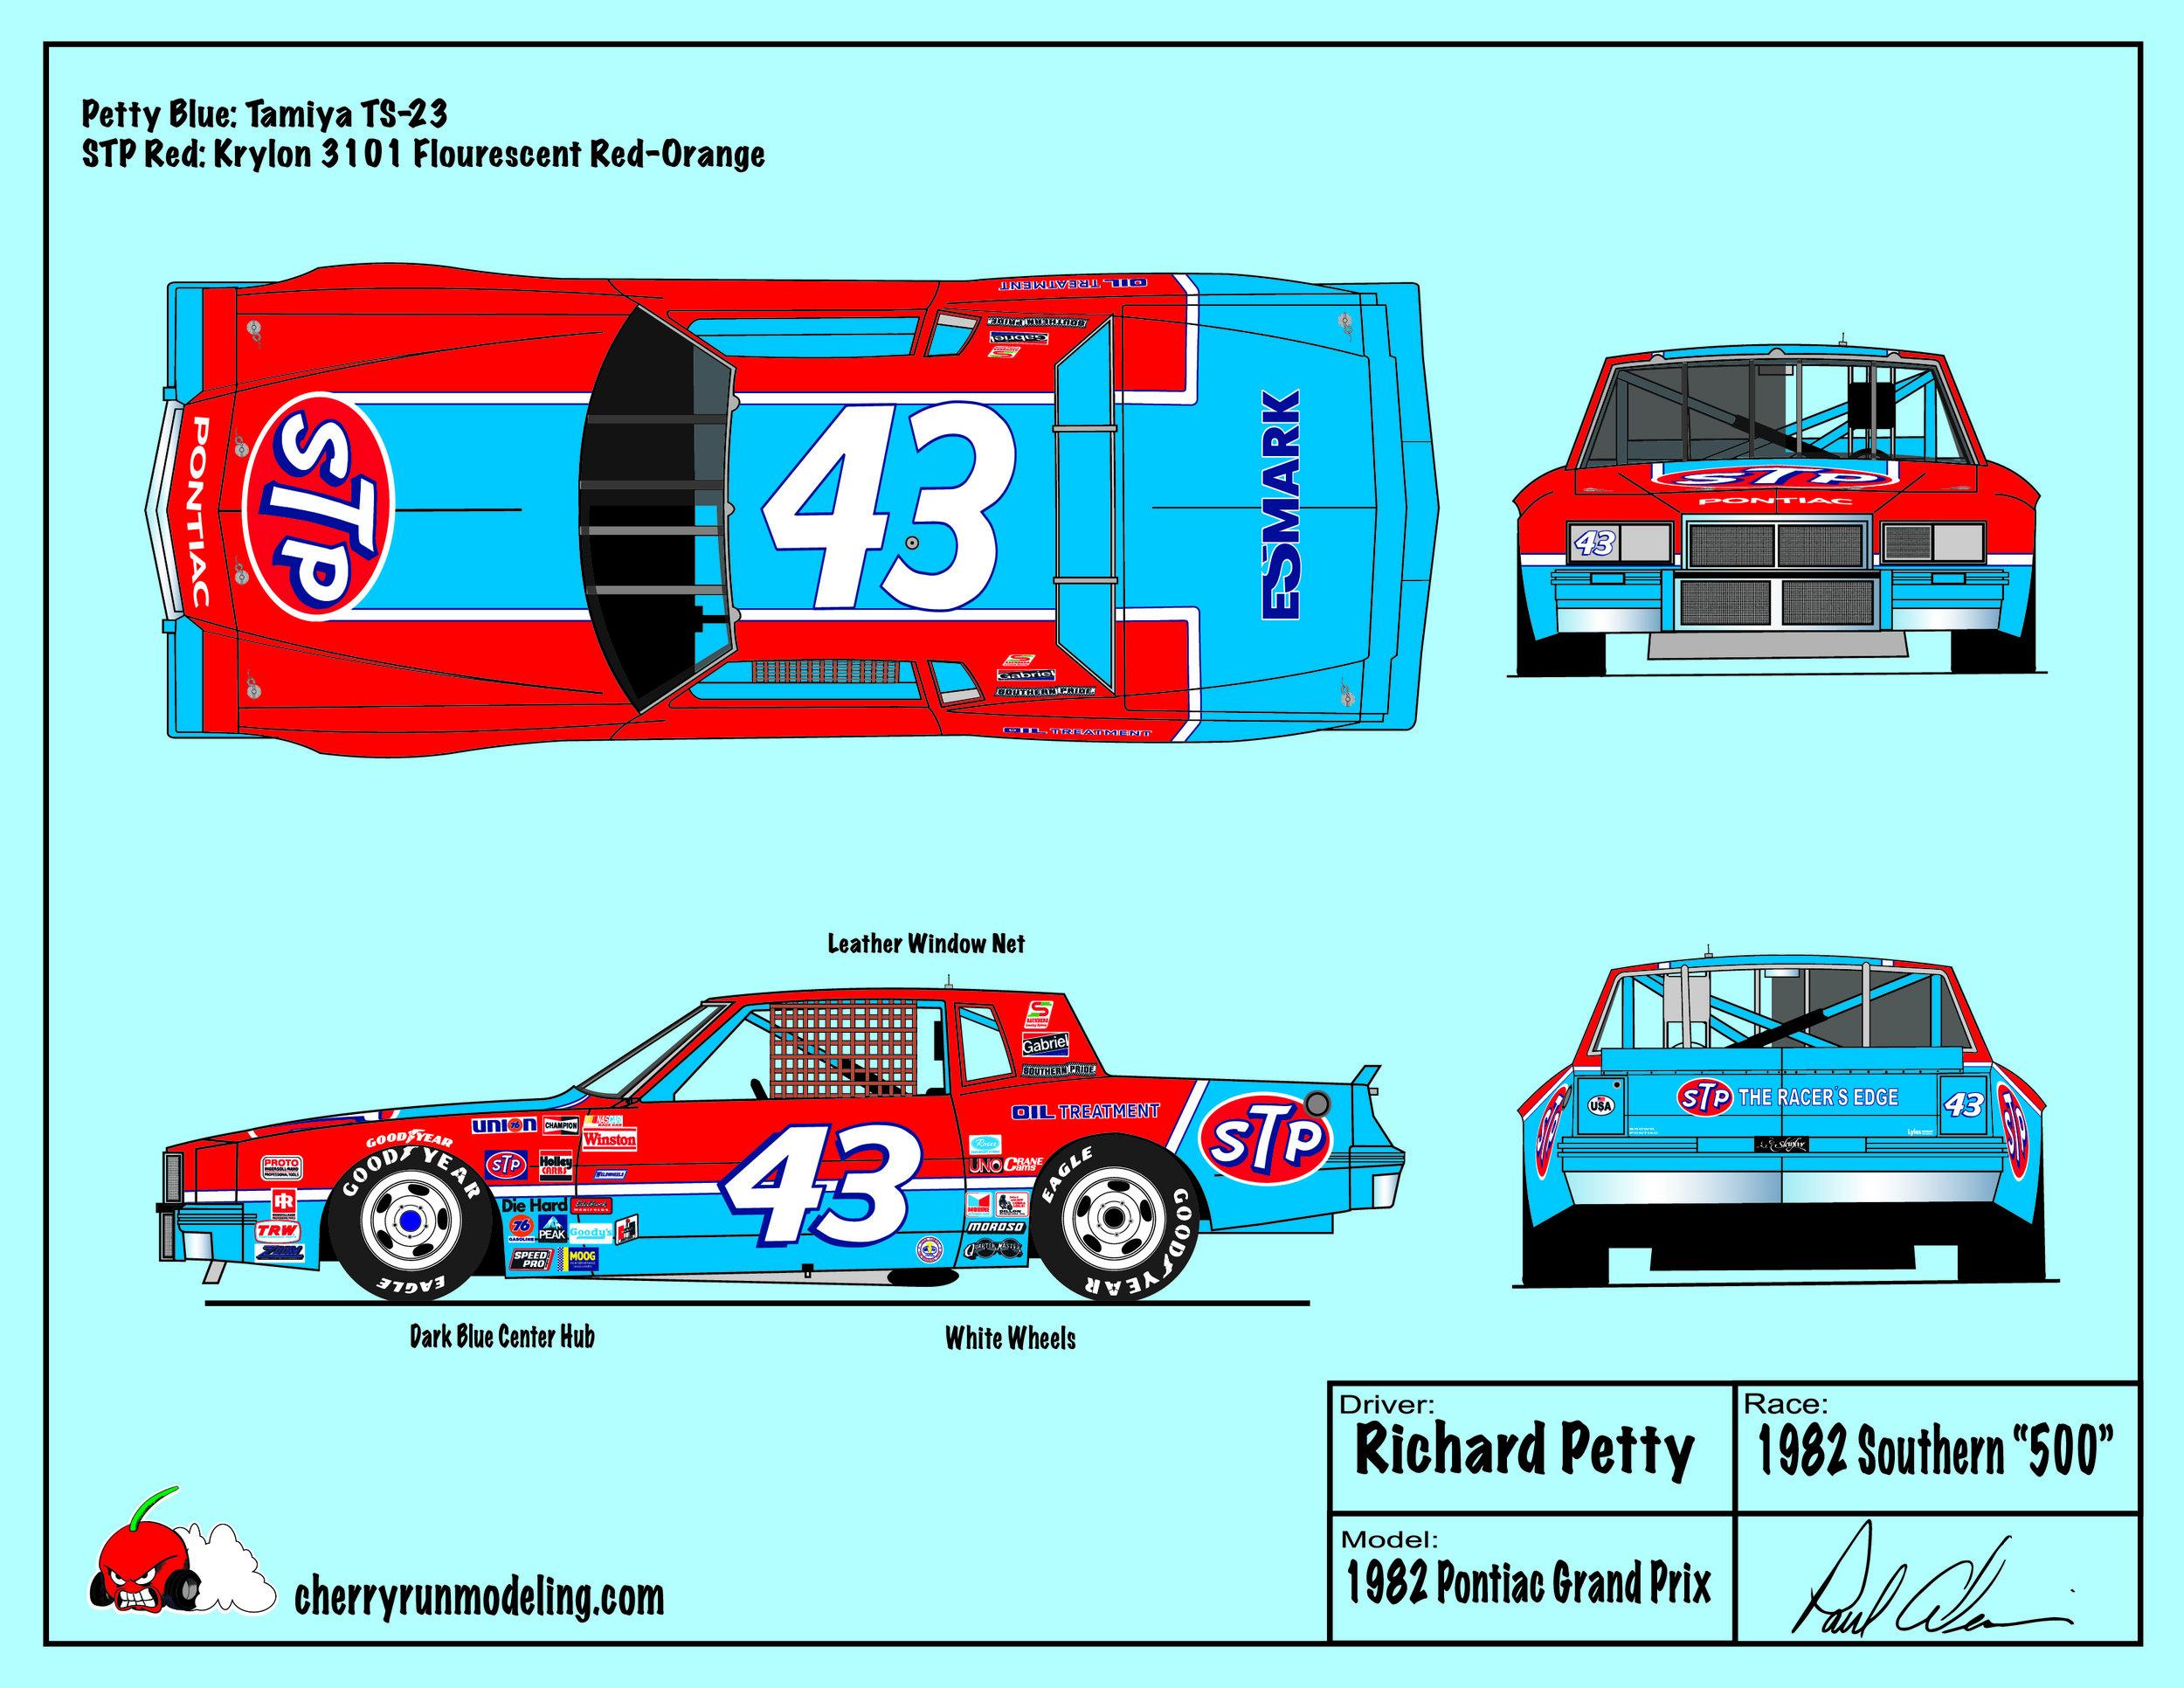 Richard Petty 1982 Southern 500.jpg